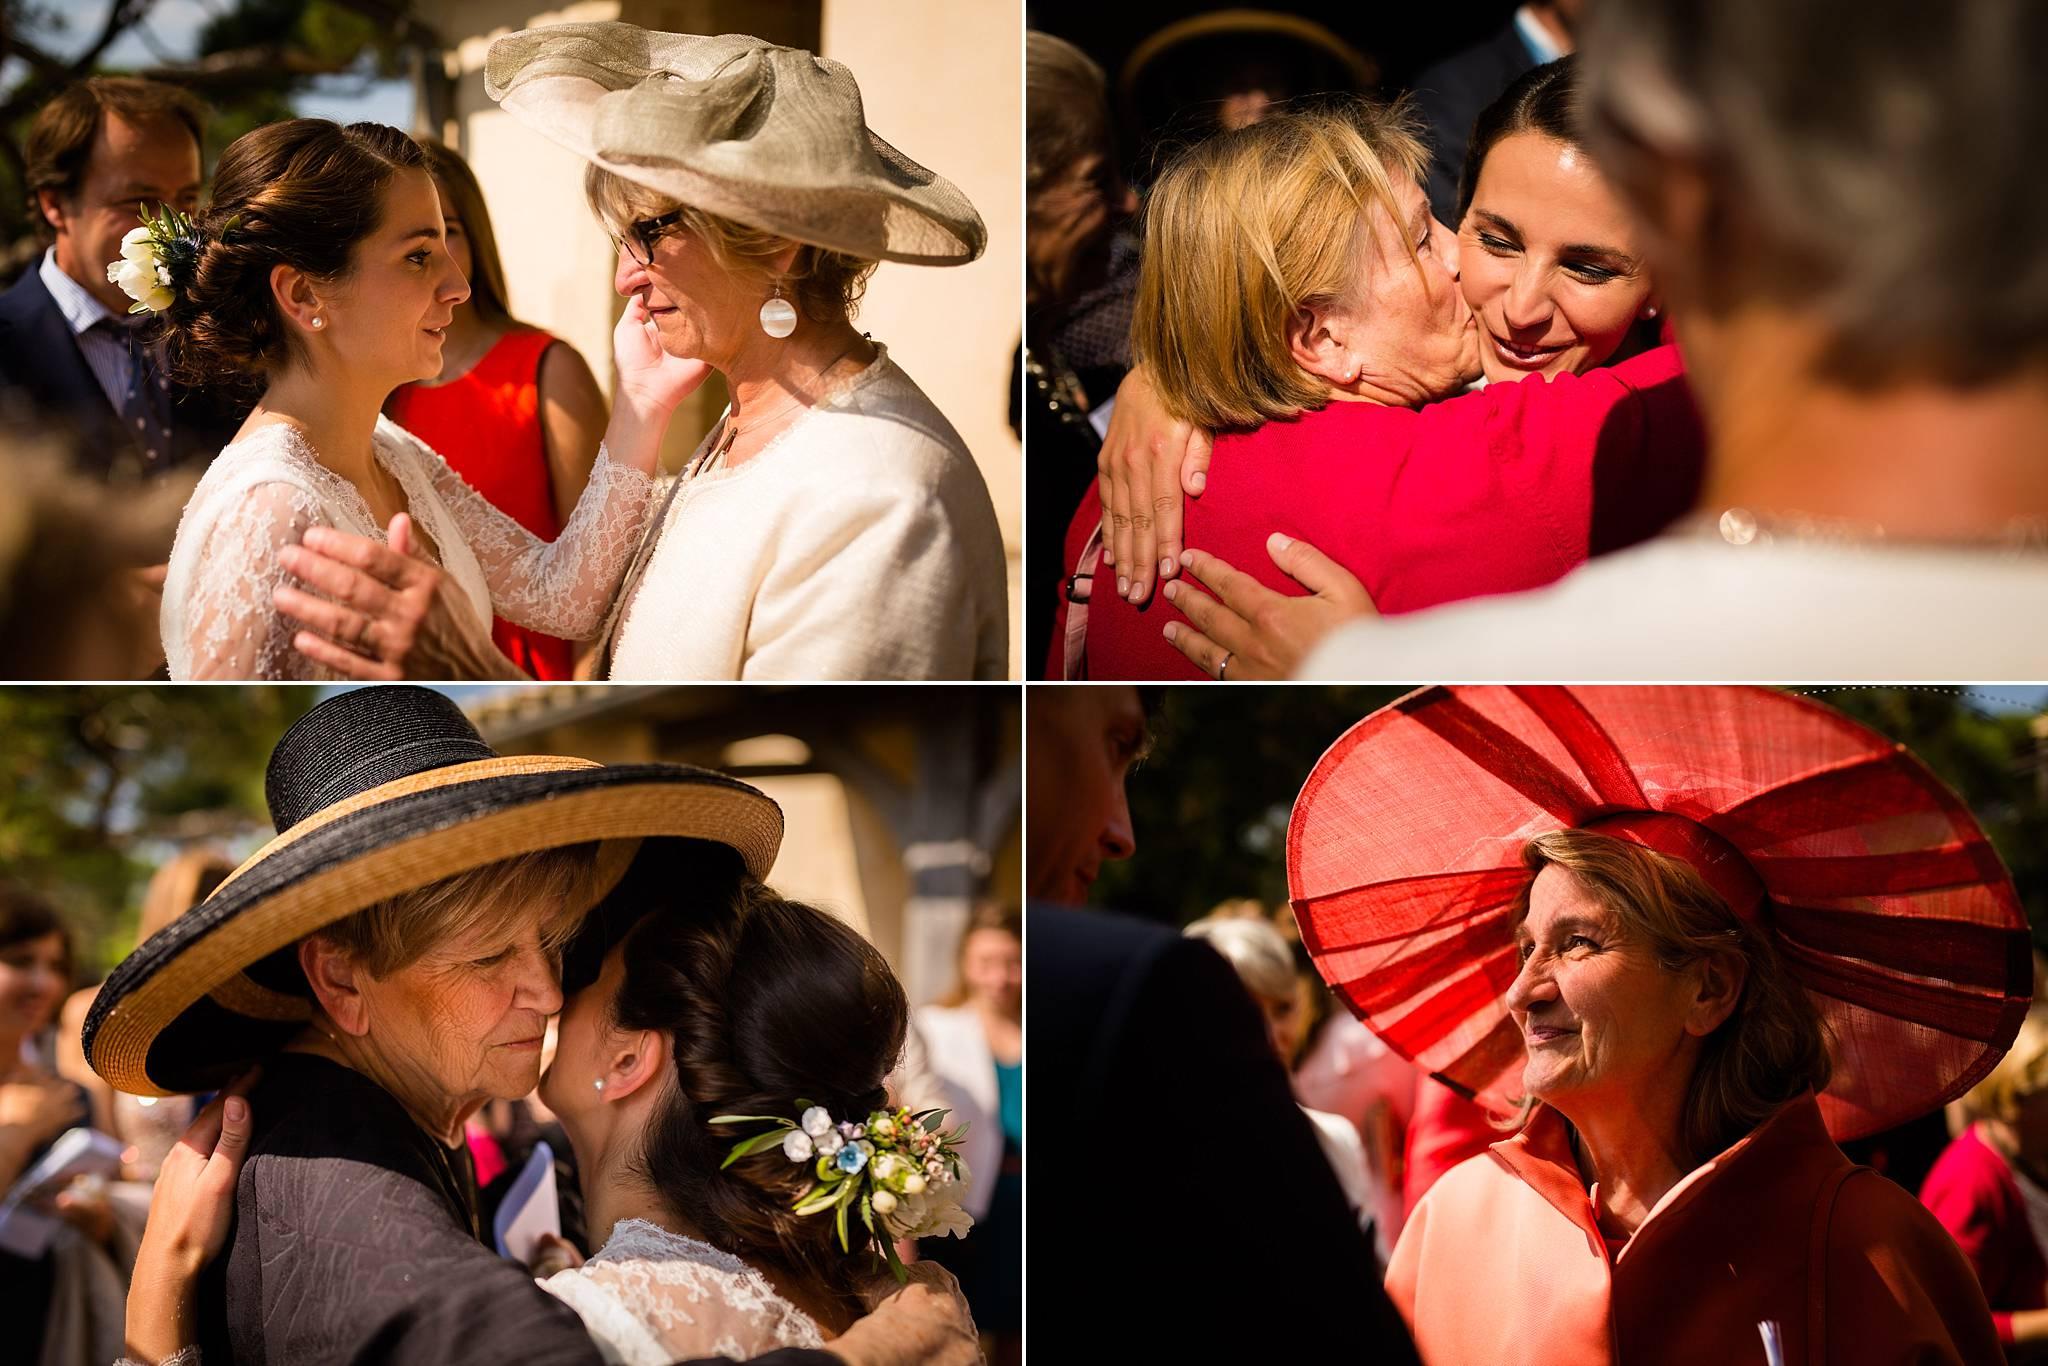 Le reportage photo mariage de Maud et Antoine à l'Eglise Saint-Eloi Andernos et au Tir au Vol Arcachon. Photographe mariage Arcachon et Gironde.